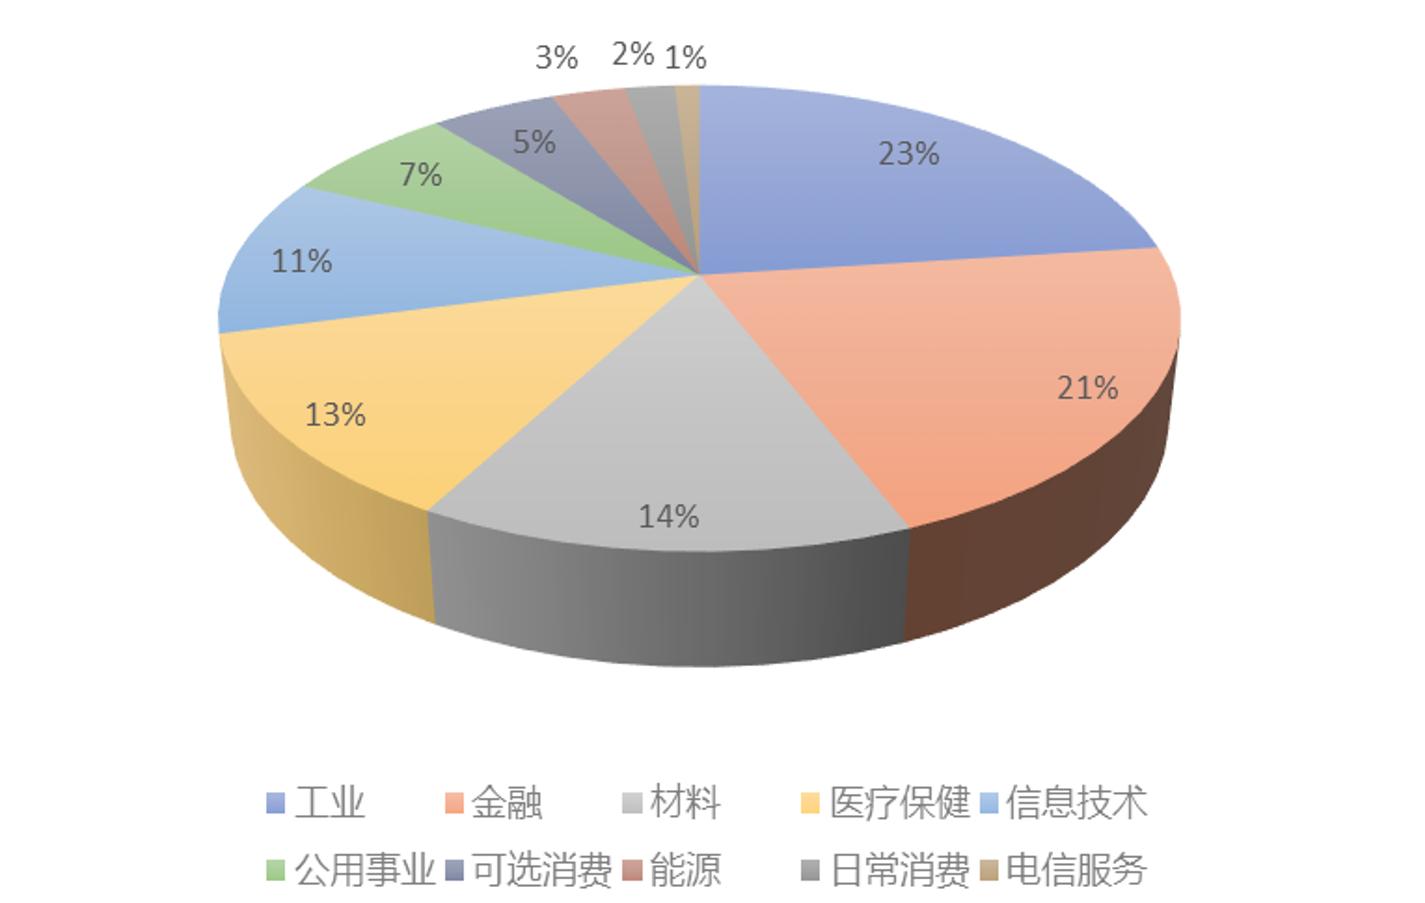 碧桂园沪深ESG100优选指数成分股行业权重(2020/2/17)  资料来源:新浪网大数据中心  商道融绿咨询有限公司